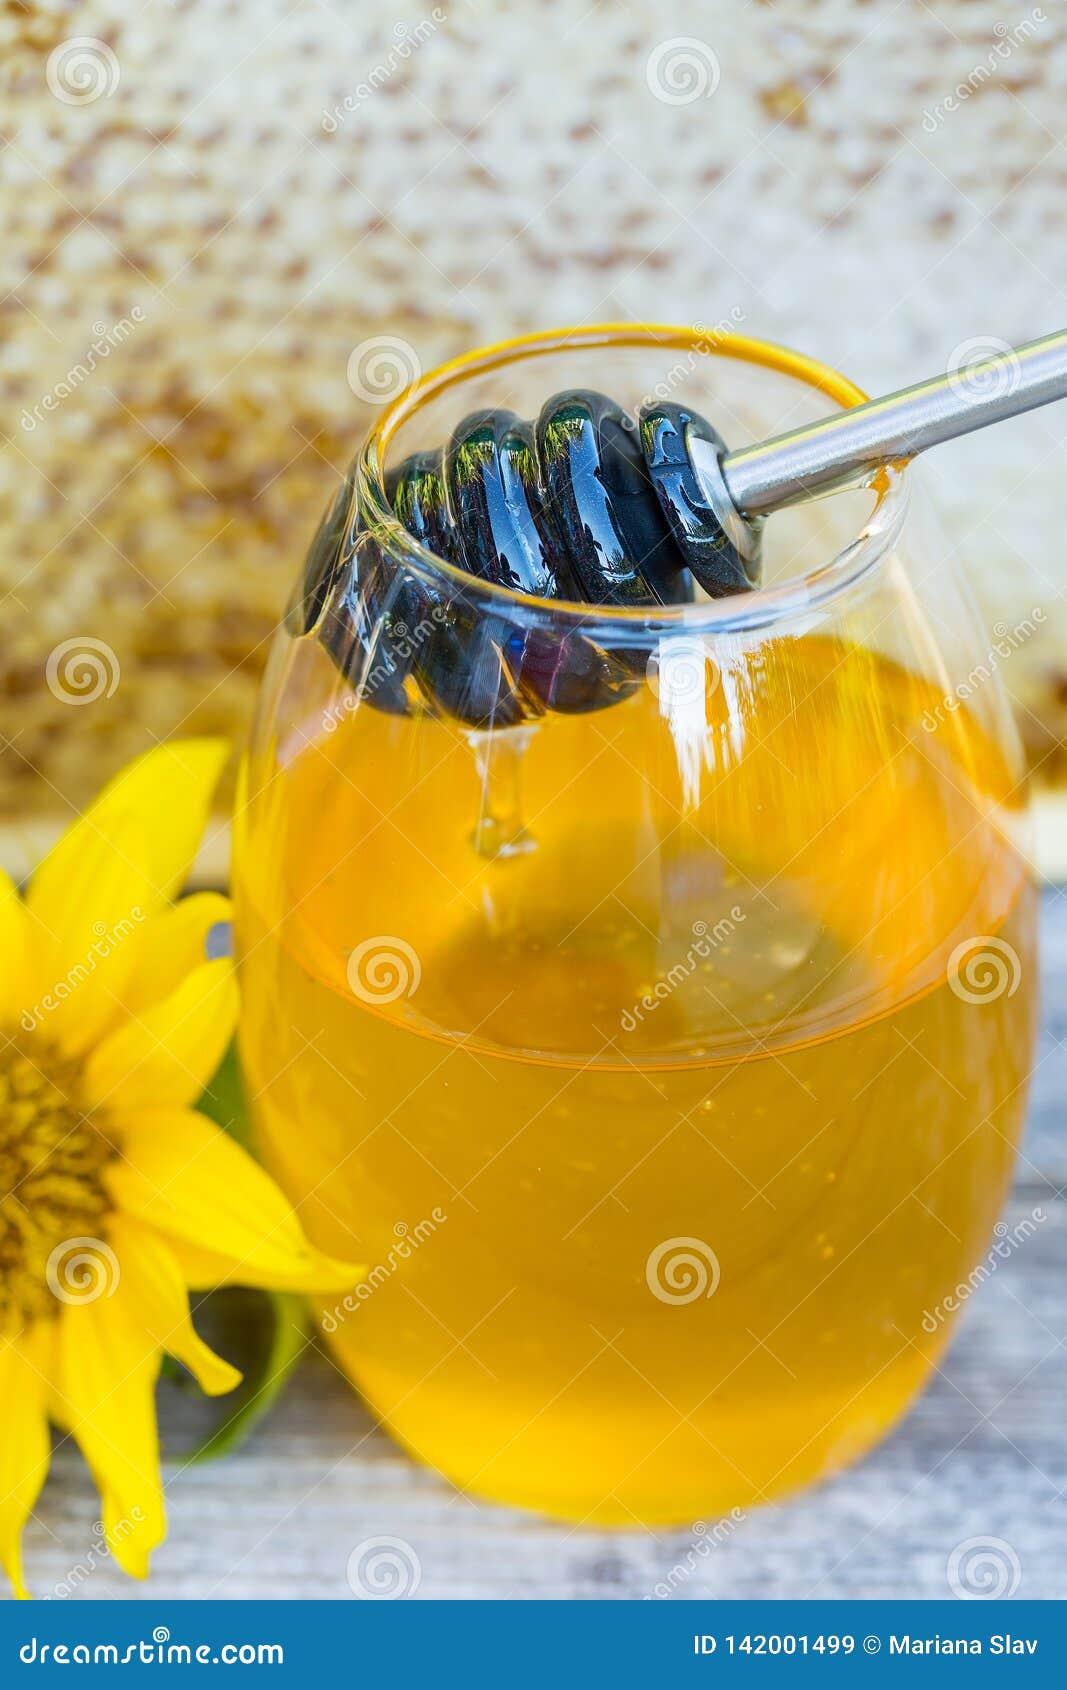 Honey dripping in a jar